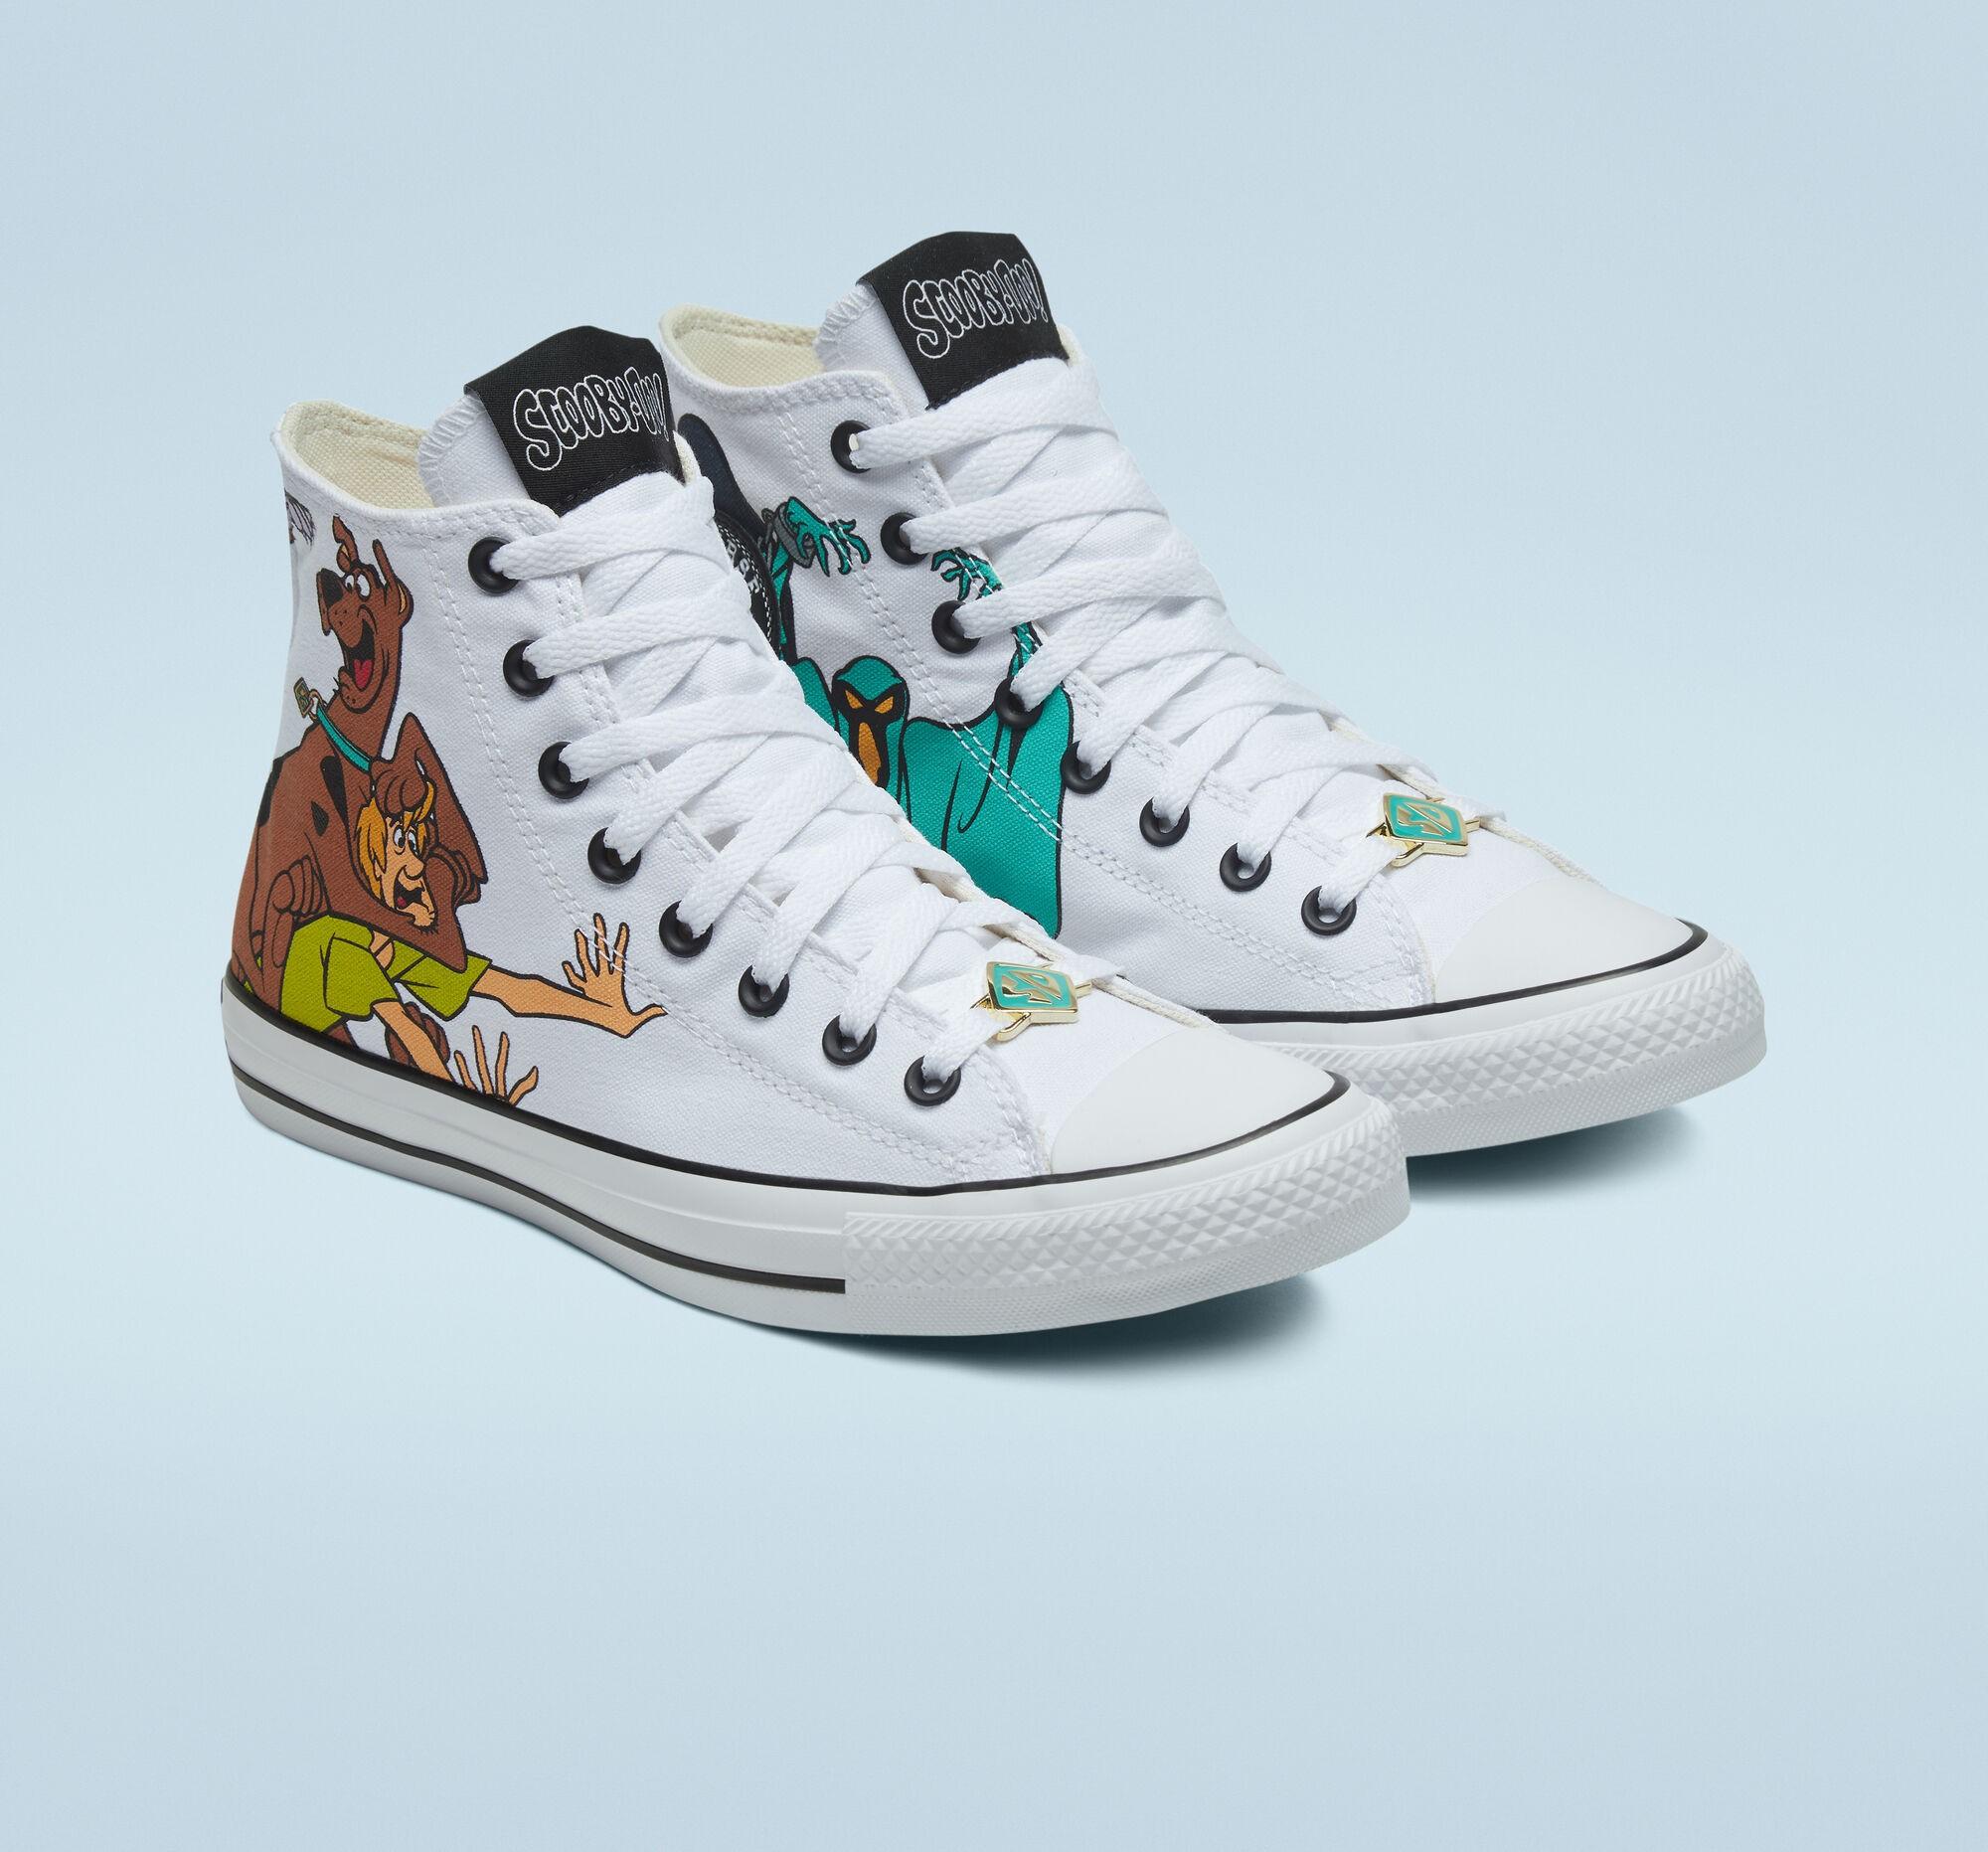 Converse lança linha de tênis do Scooby-Doo